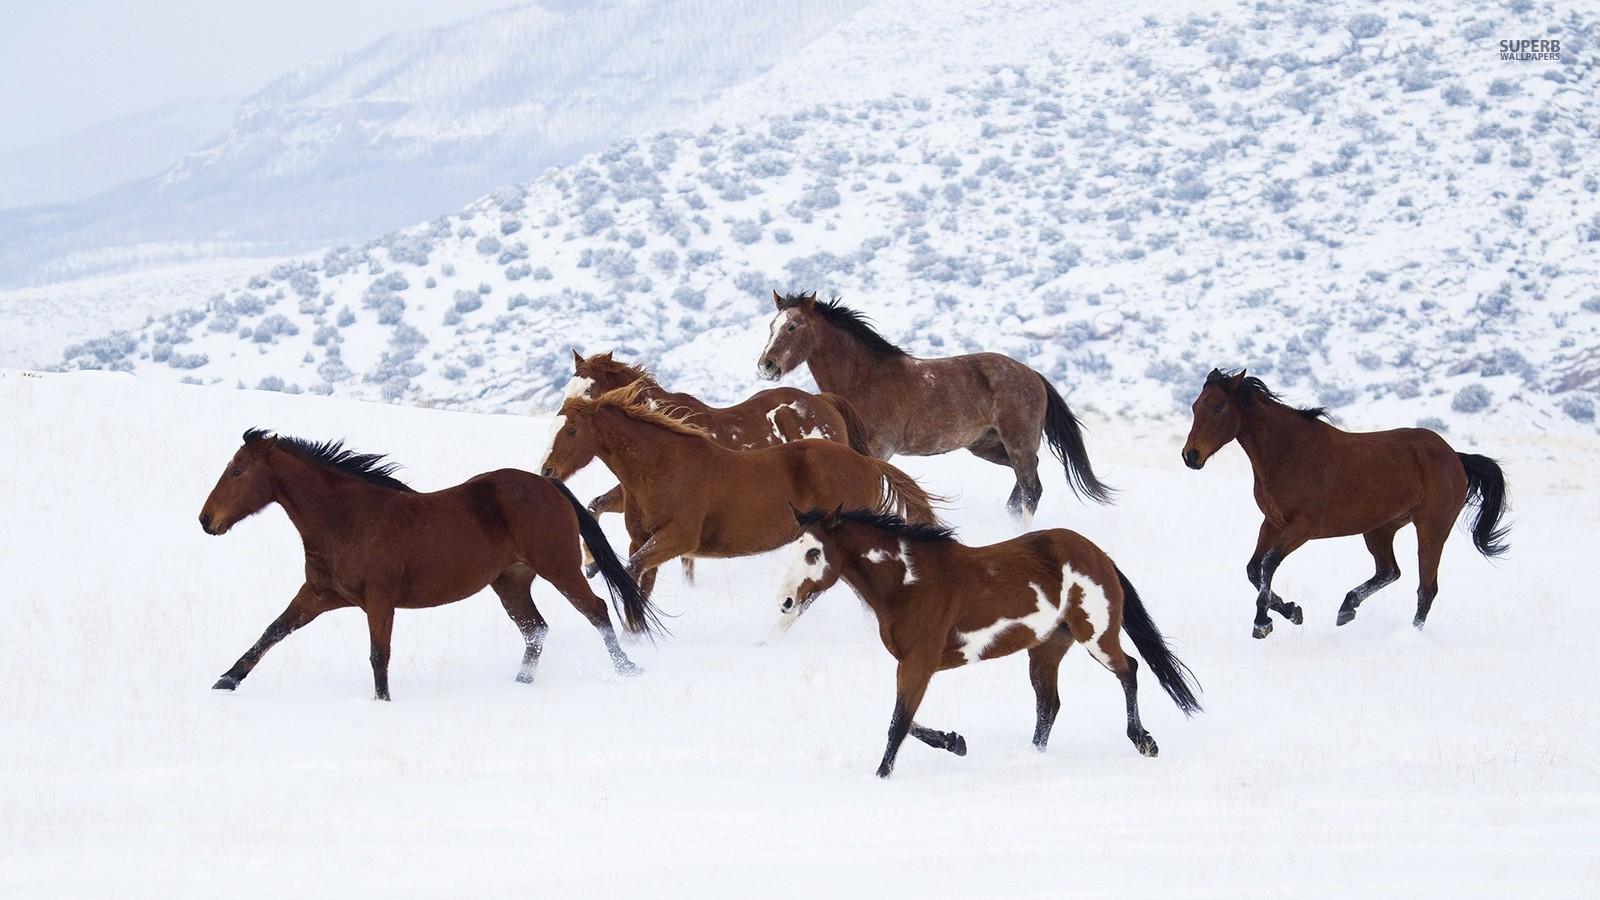 壁纸 动物 马 骑马 1600_900